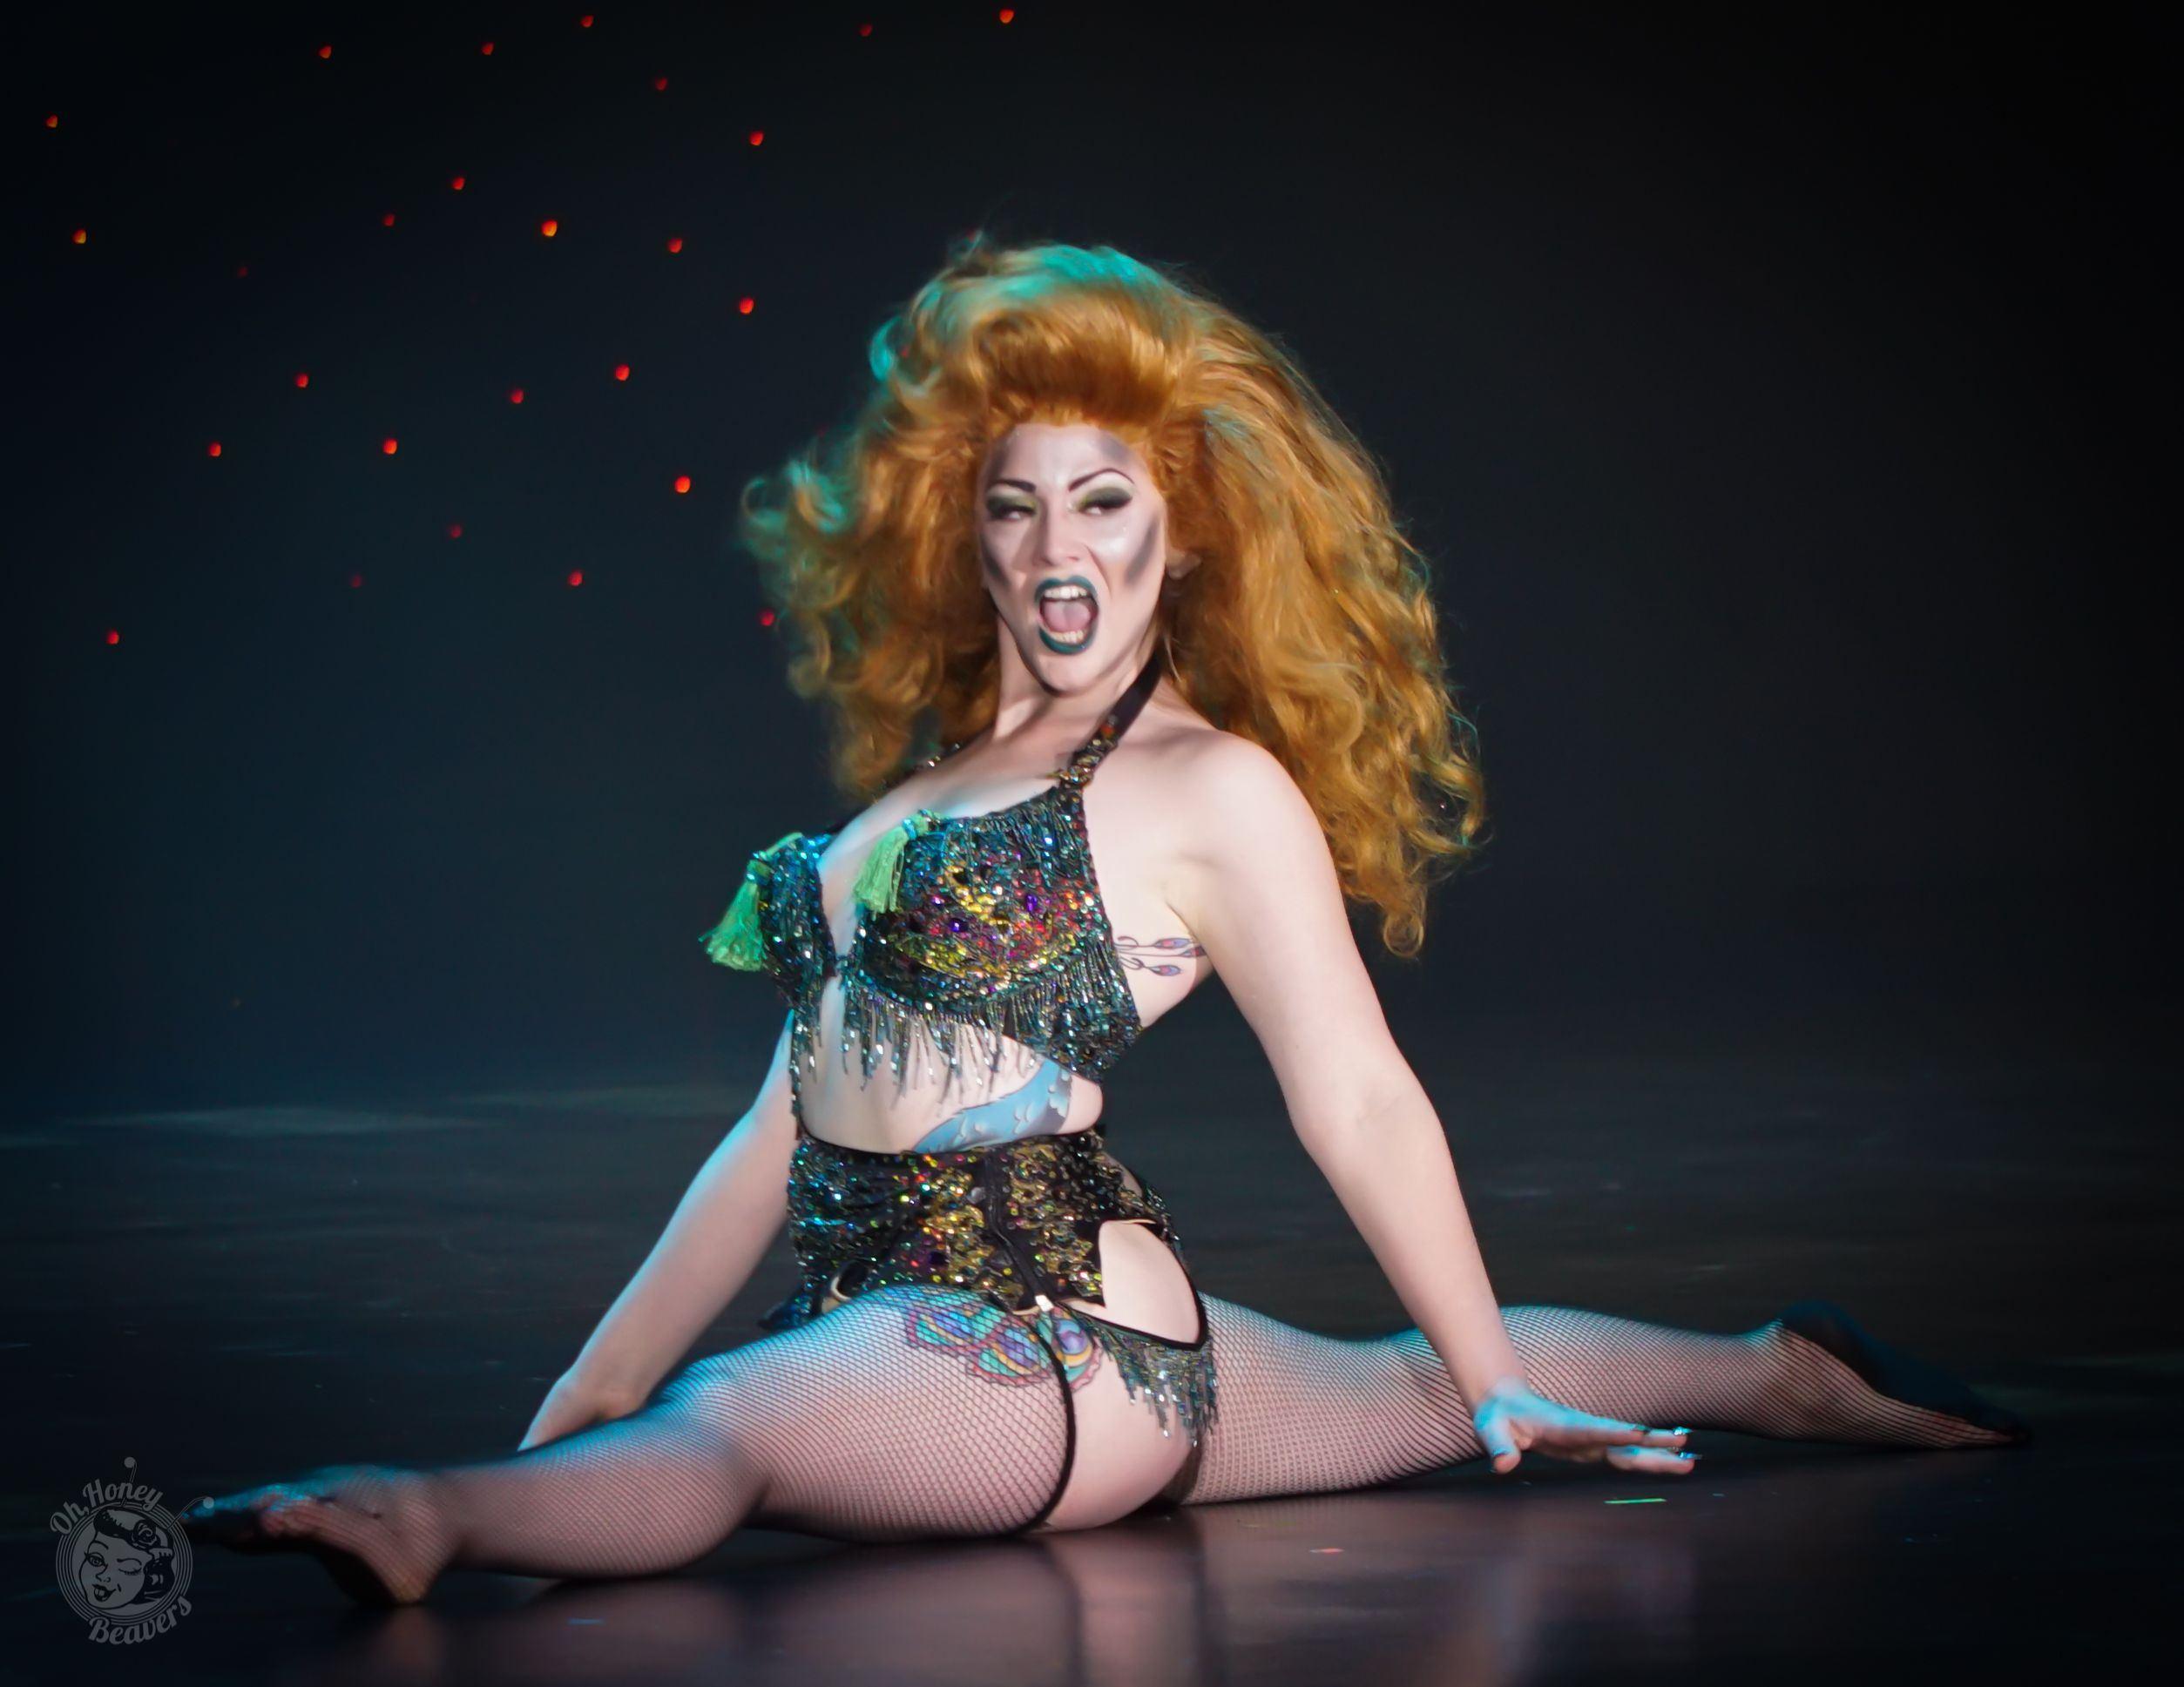 Vivi La Chanteuse, Burlesque Dancer